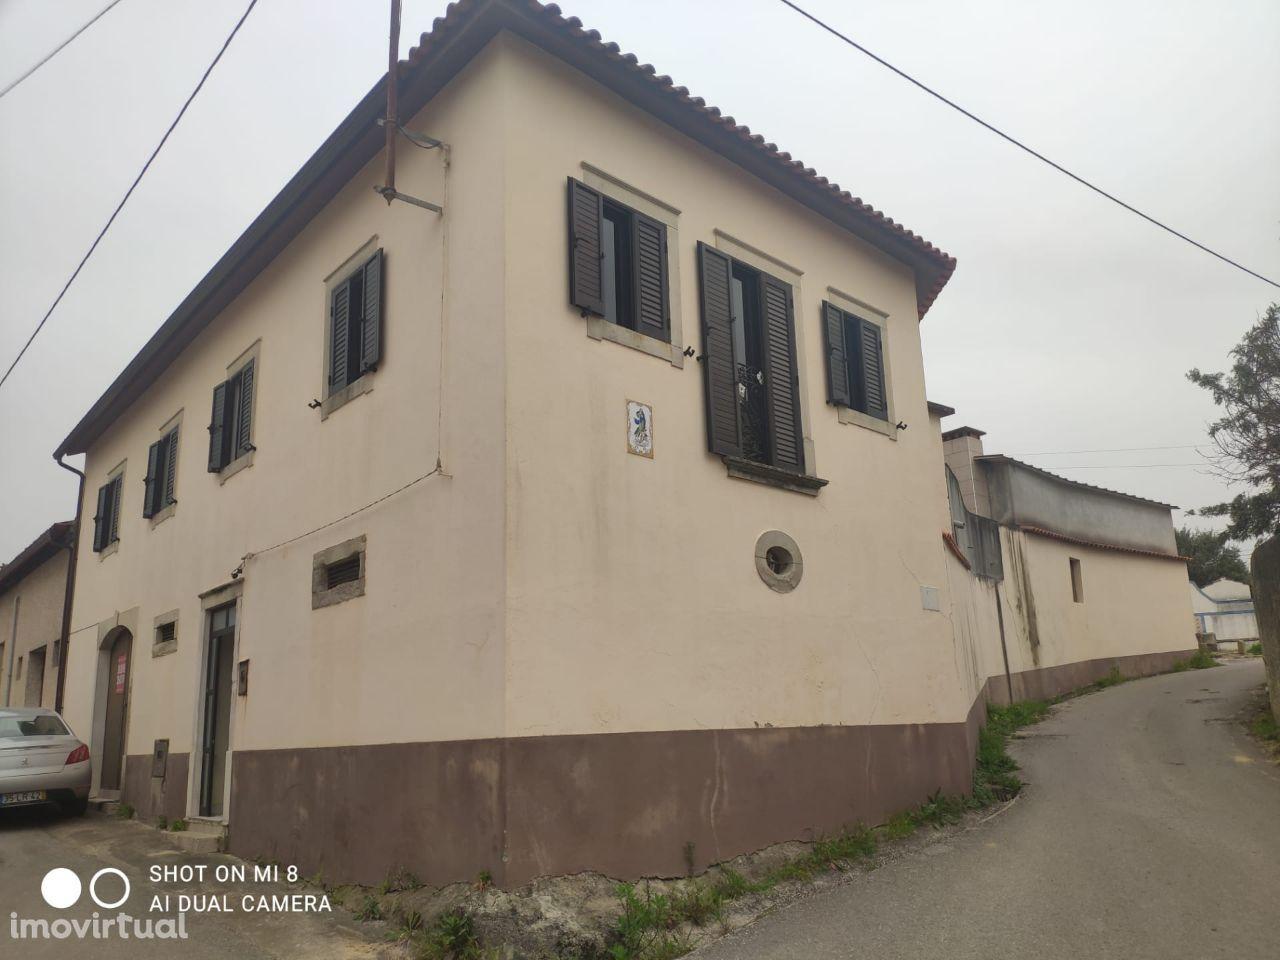 Moradia T4 em Paço, Botão, Souselas concelho de Coimbra